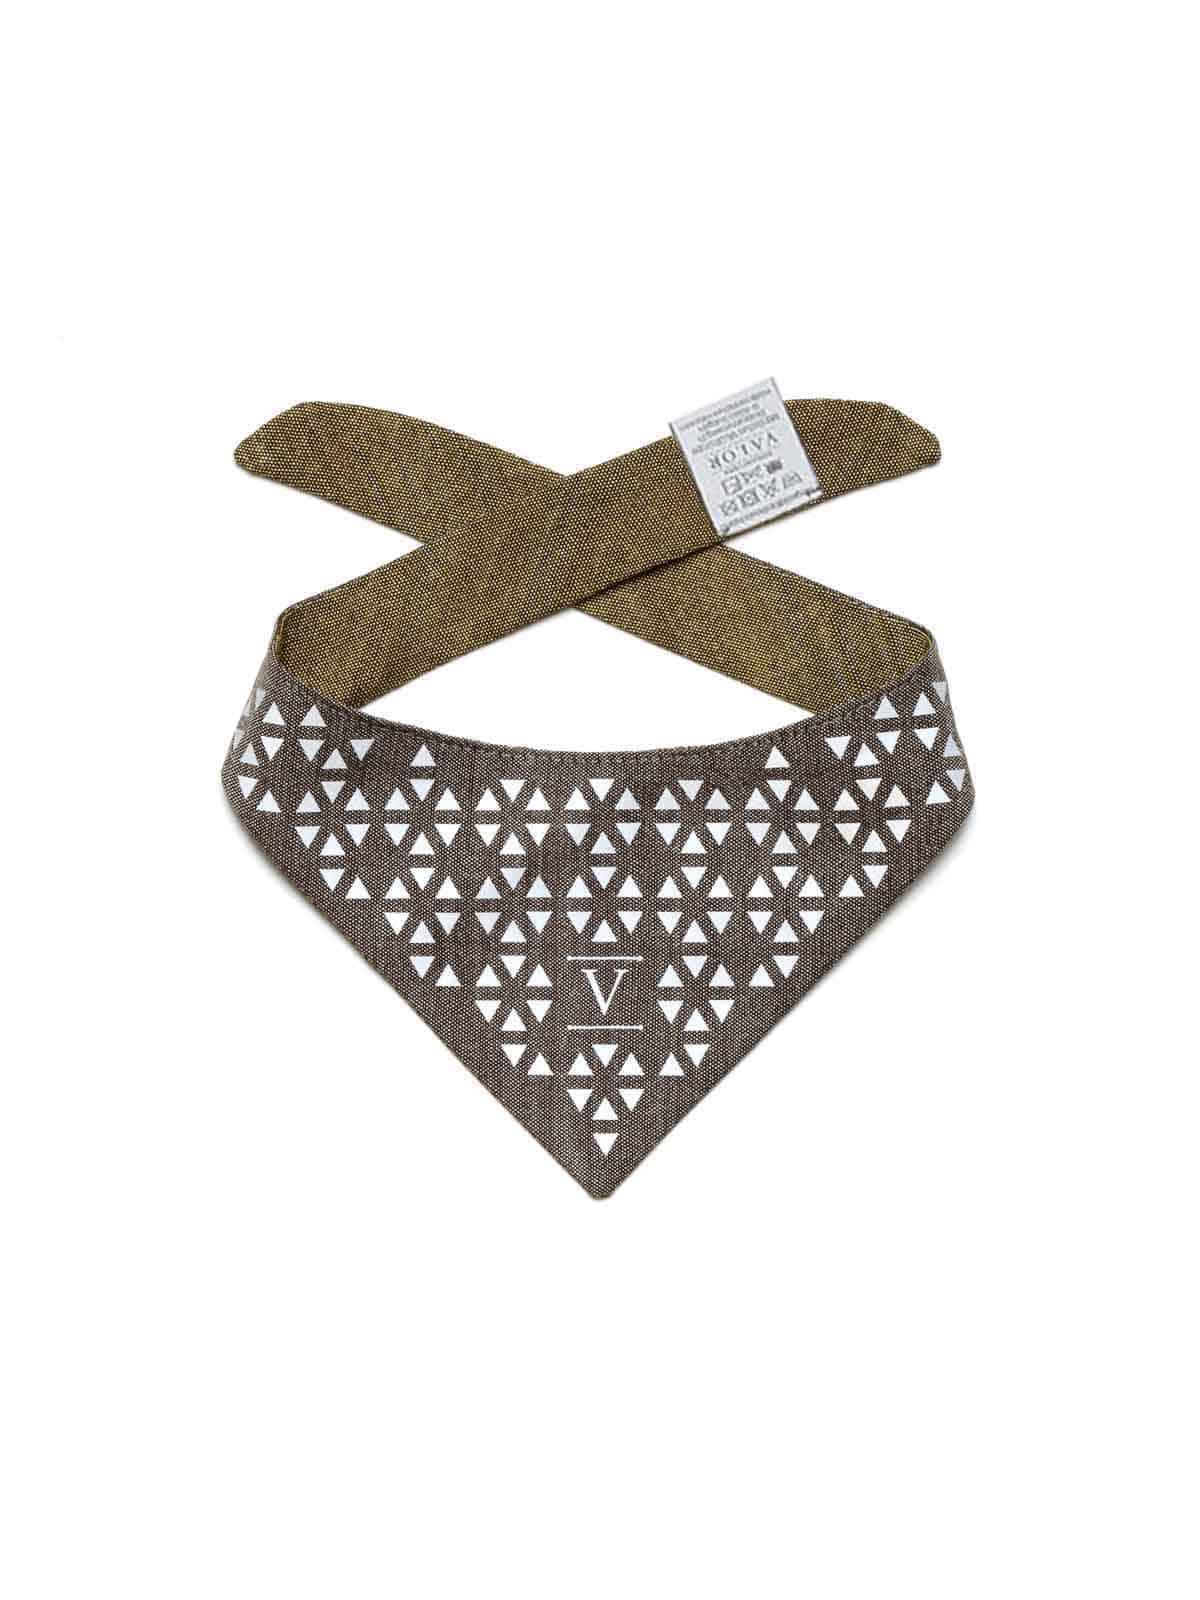 dog bandanas, cute dog bandanas, dog scarf collar